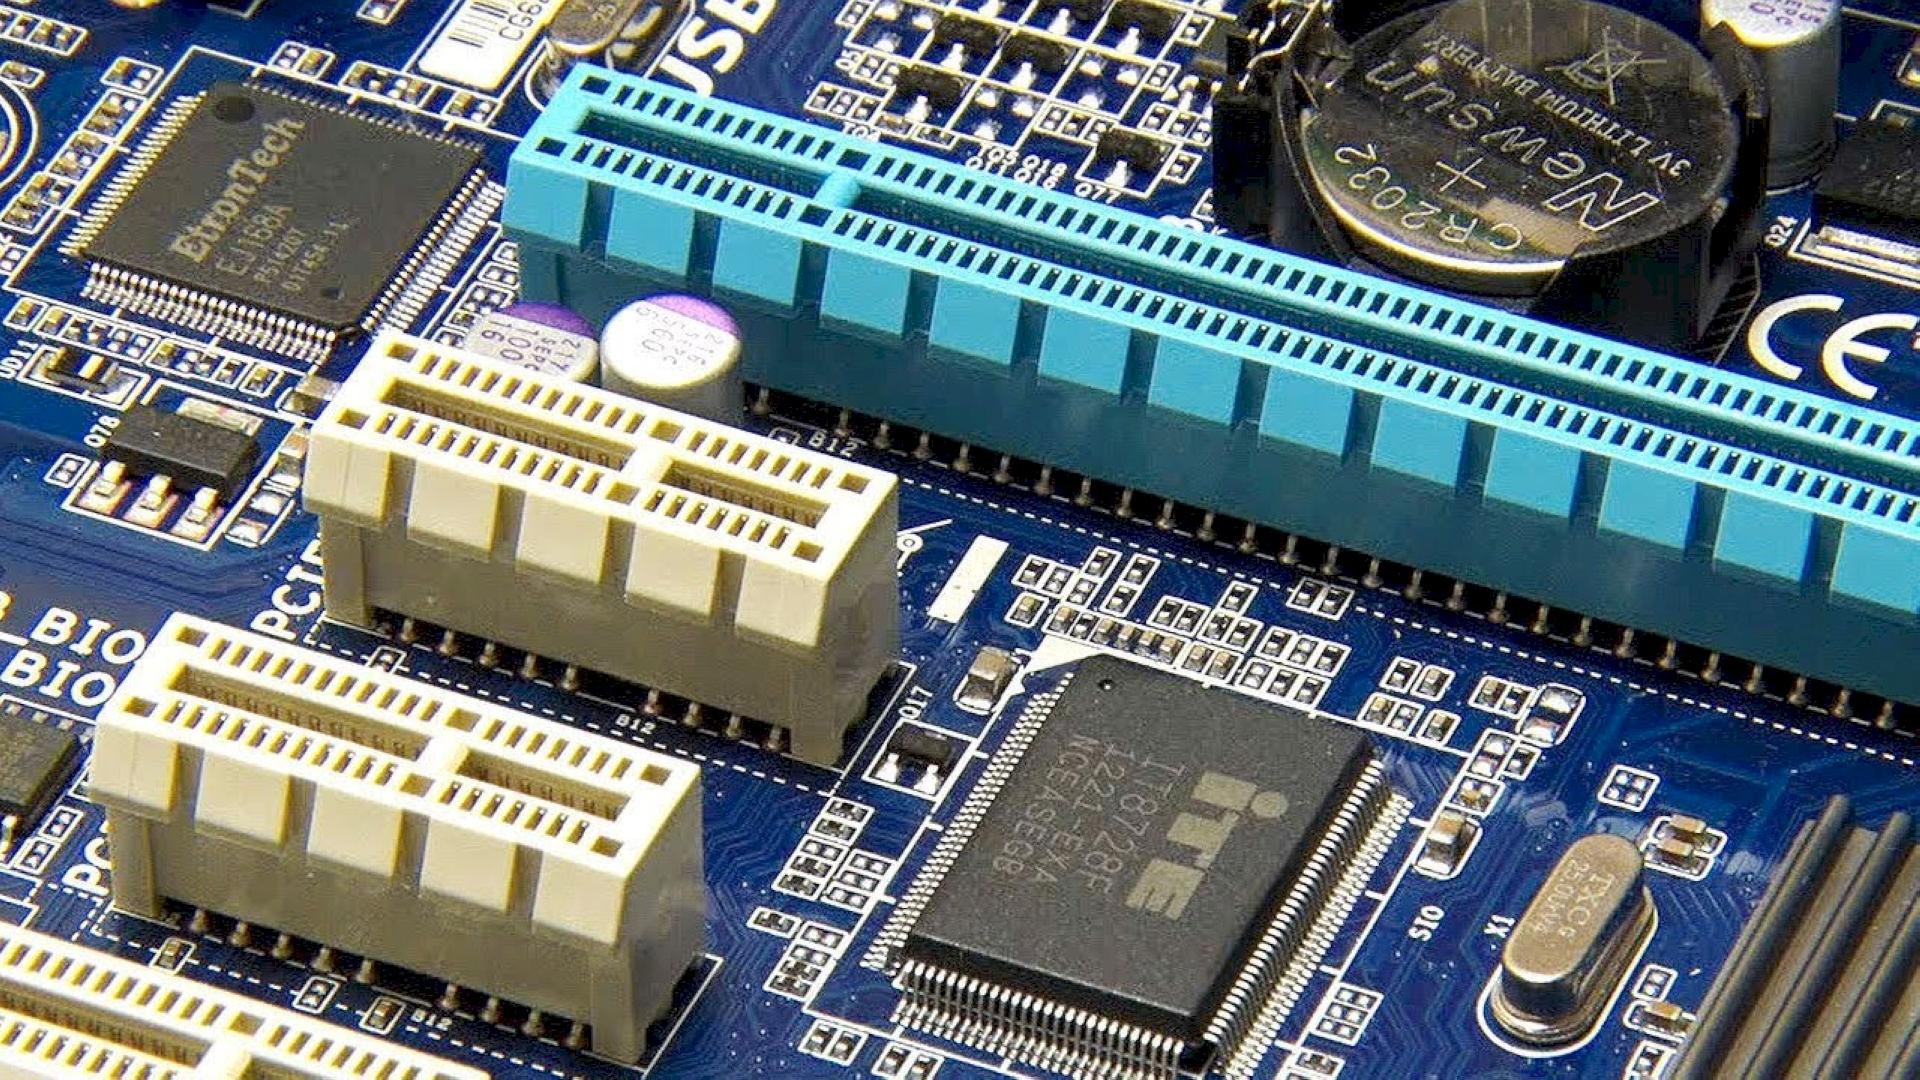 دليلك الكامل حول منفذ PCIe في اللوحة الأم: ما هو؟ وما هي إصداراته؟